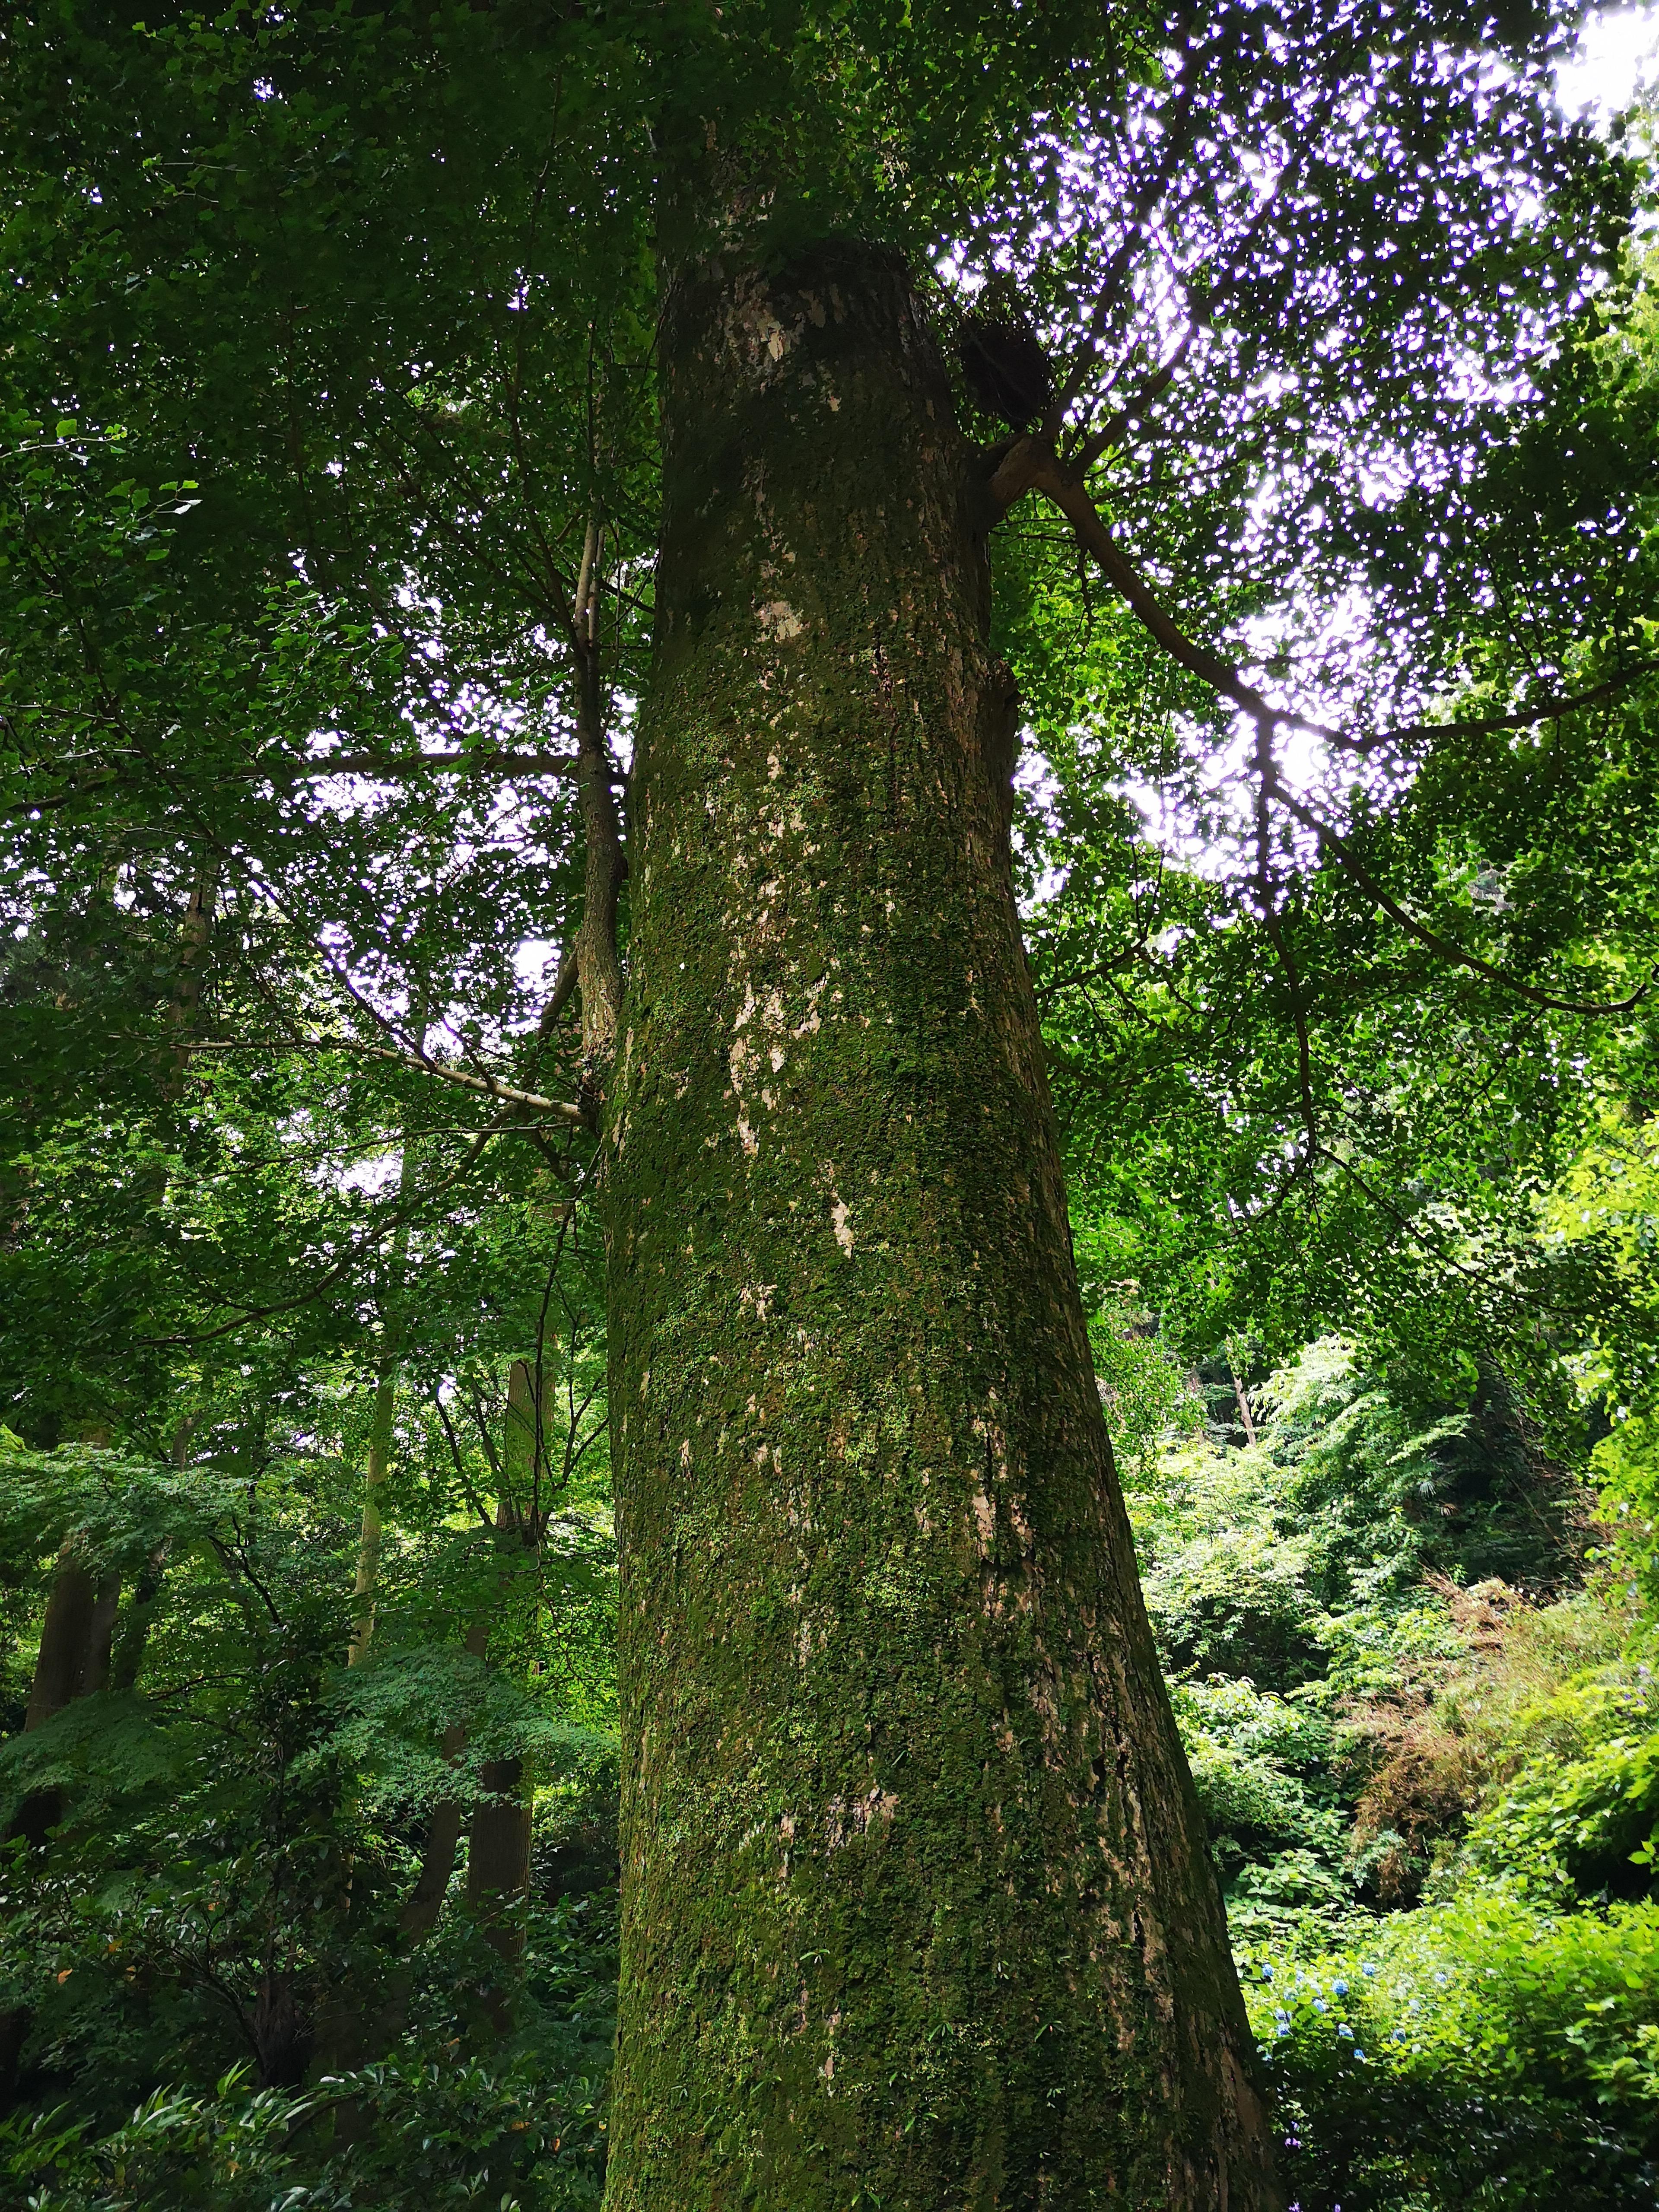 天気の日だと木漏れ日と木の香りが降り注いで心地良いのですが、今は雨が降り注いでます…。(クリックで原寸)